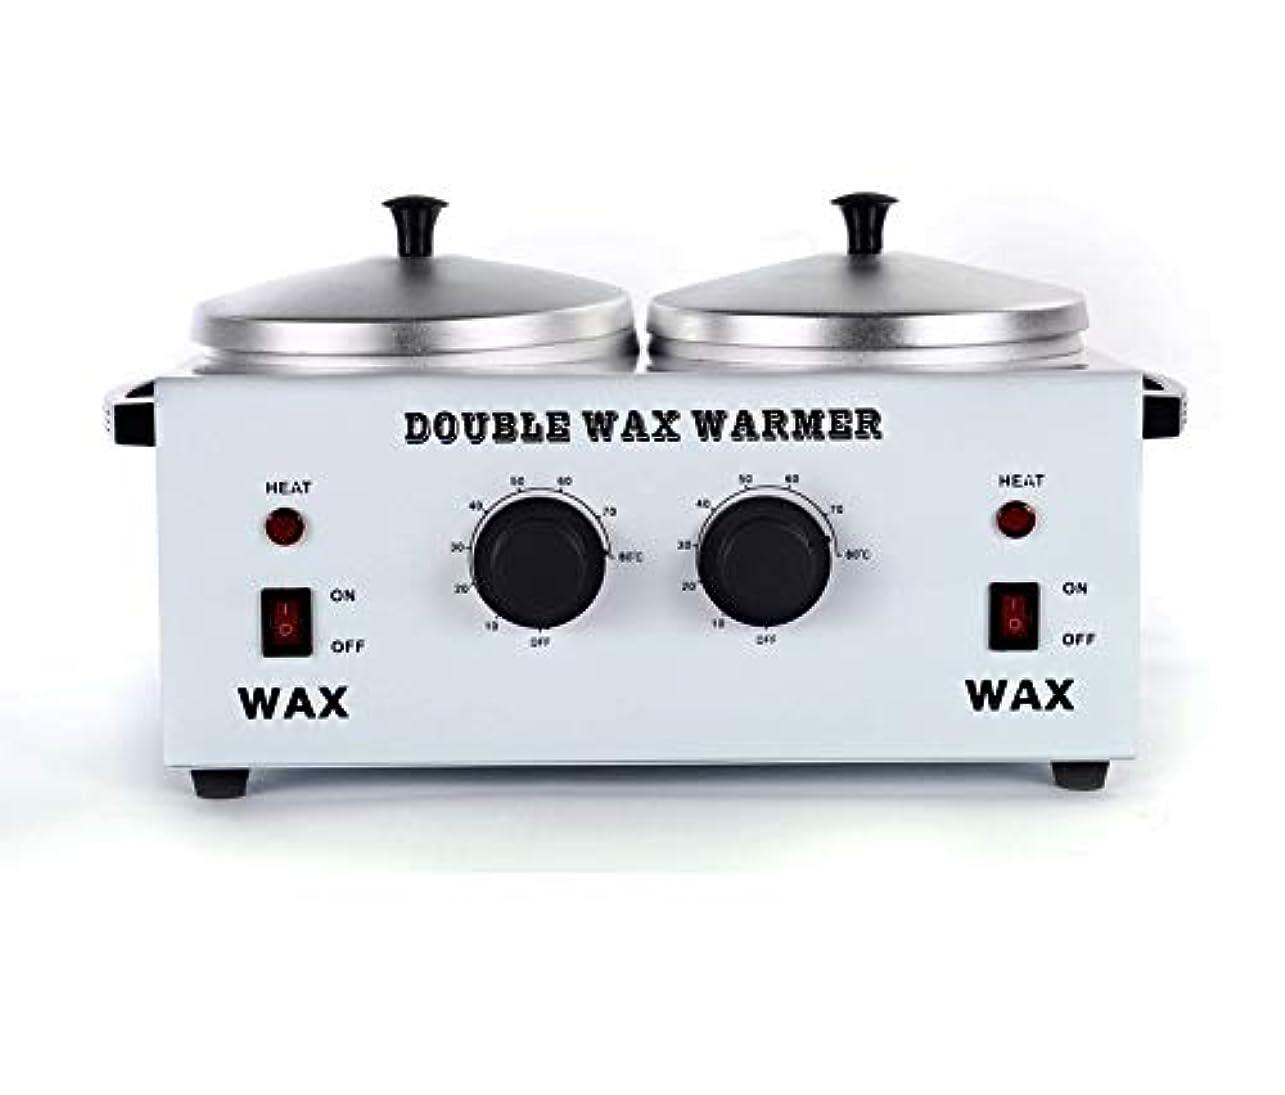 利得グラフィック反発ワックスヒータープロフェッショナルダブルポット脱毛ワックスウォーマー、すべてのWAXS(ソフト、ハード、パラフィン)用電動ワックスヒーター機械ファストメルトポータブル人種のるつぼ